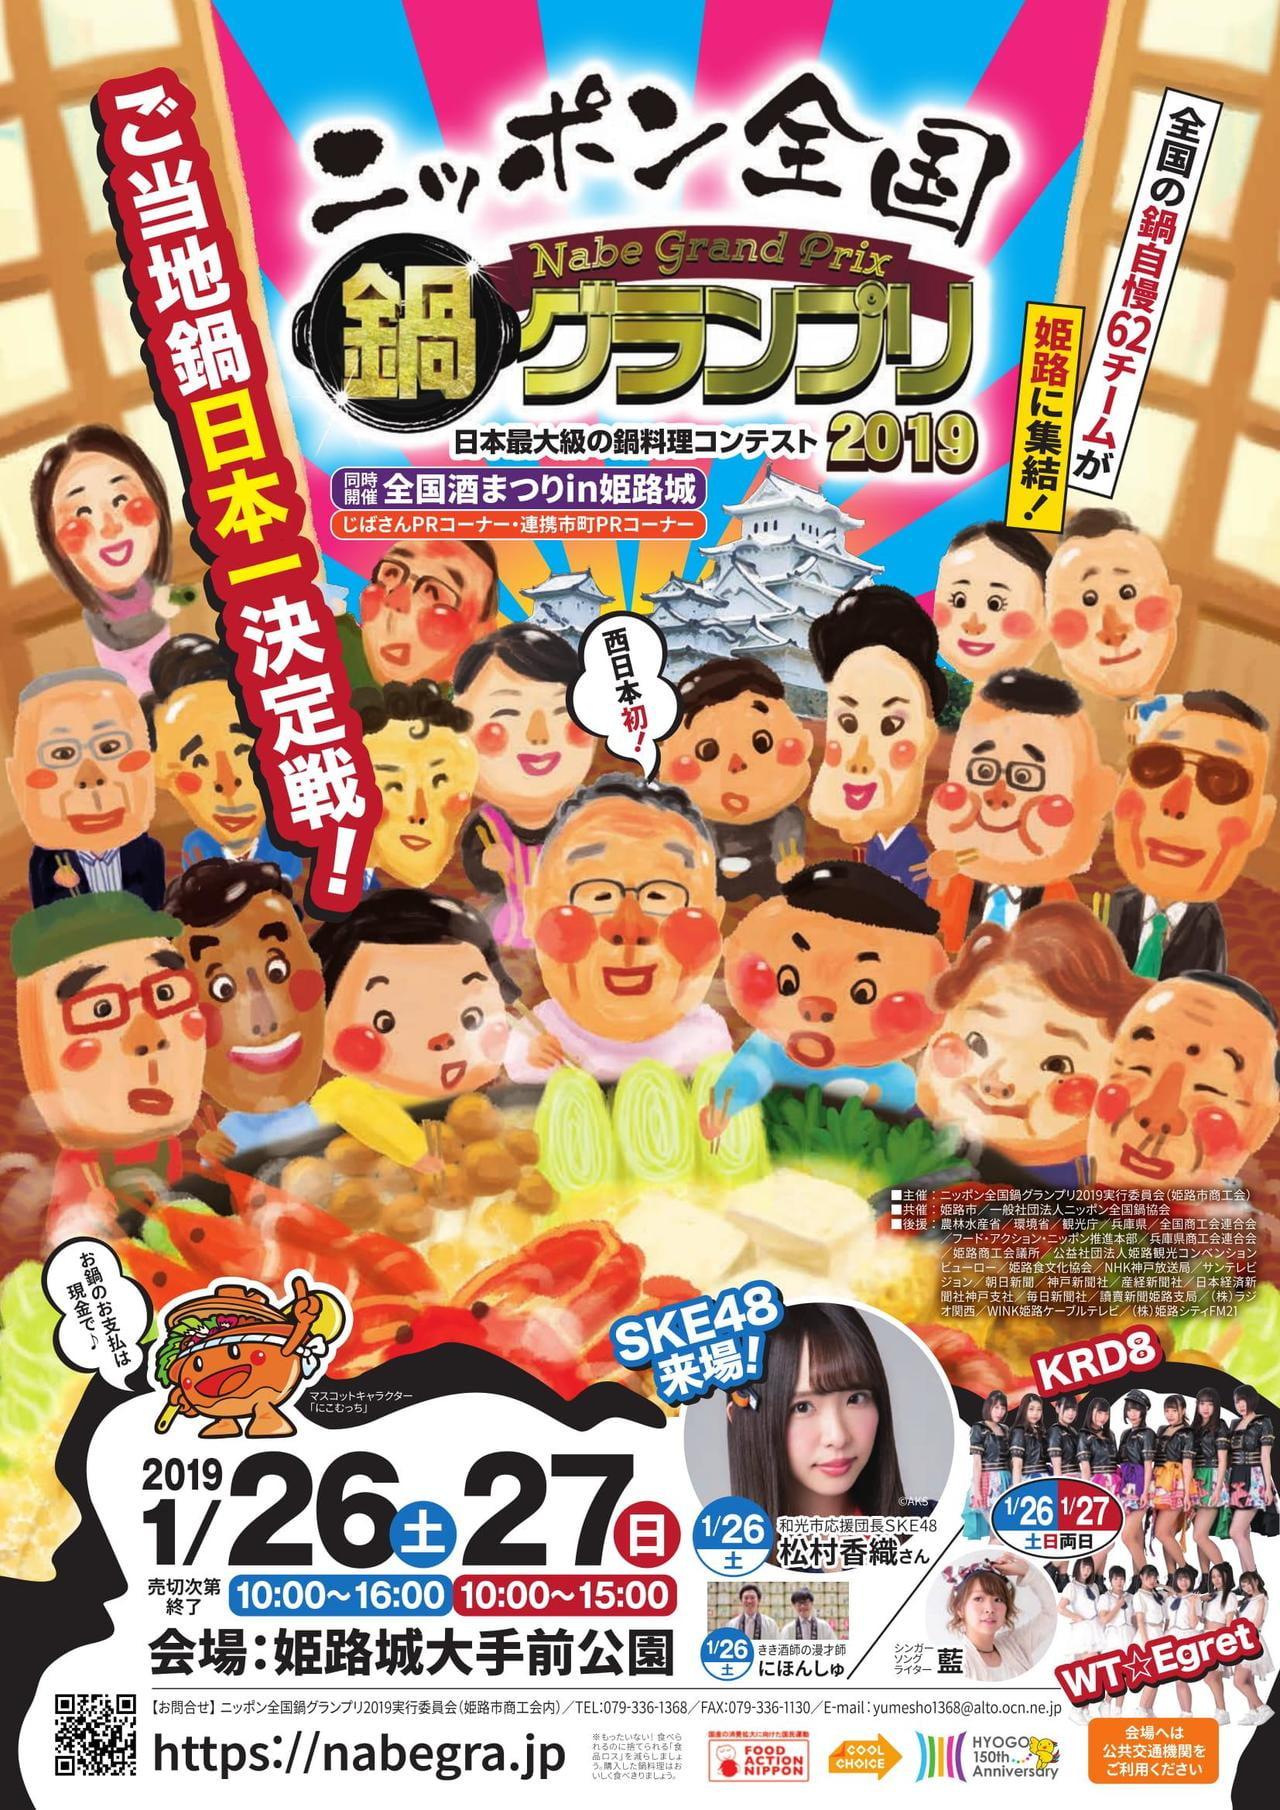 ニッポン全国鍋グランプリ~日本最大級の鍋料理コンテスト~2019が姫路で開催!